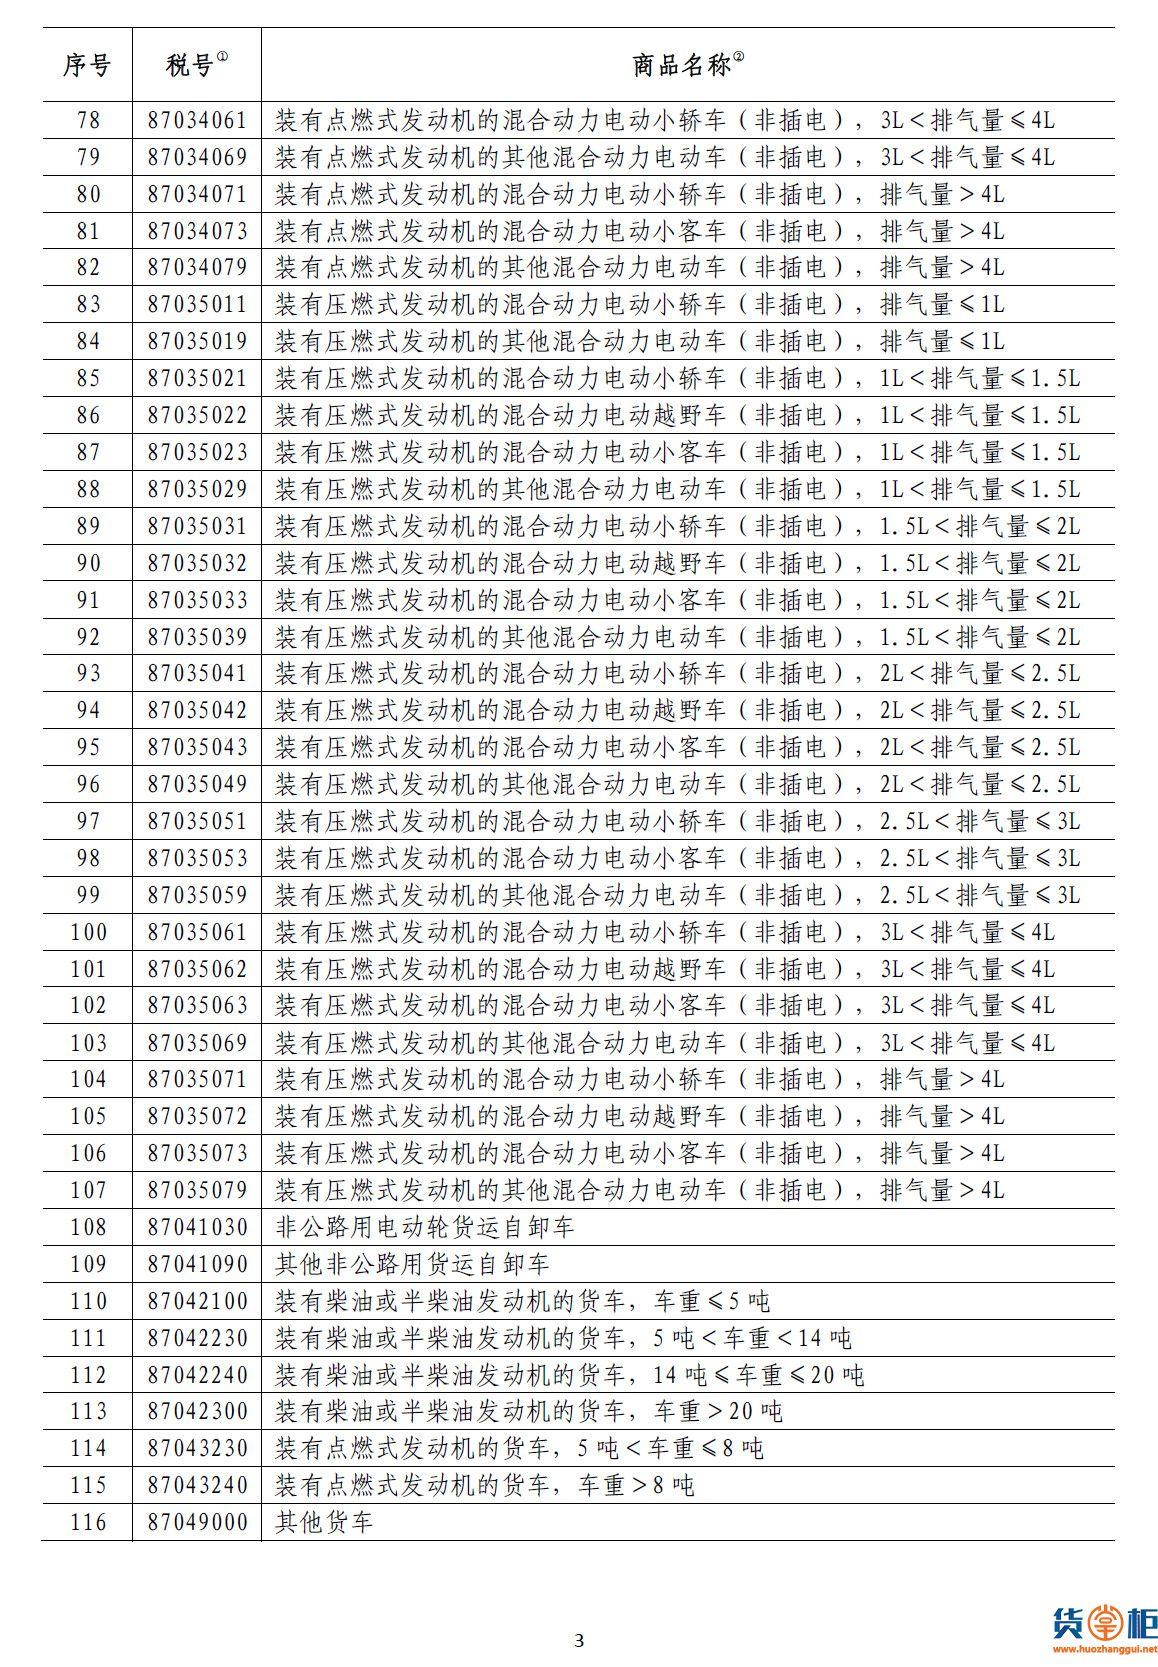 """中国宣布!221个税目,暂停加税3个月,美国汽车""""春天""""来了-货掌柜www.huozhanggui.net"""